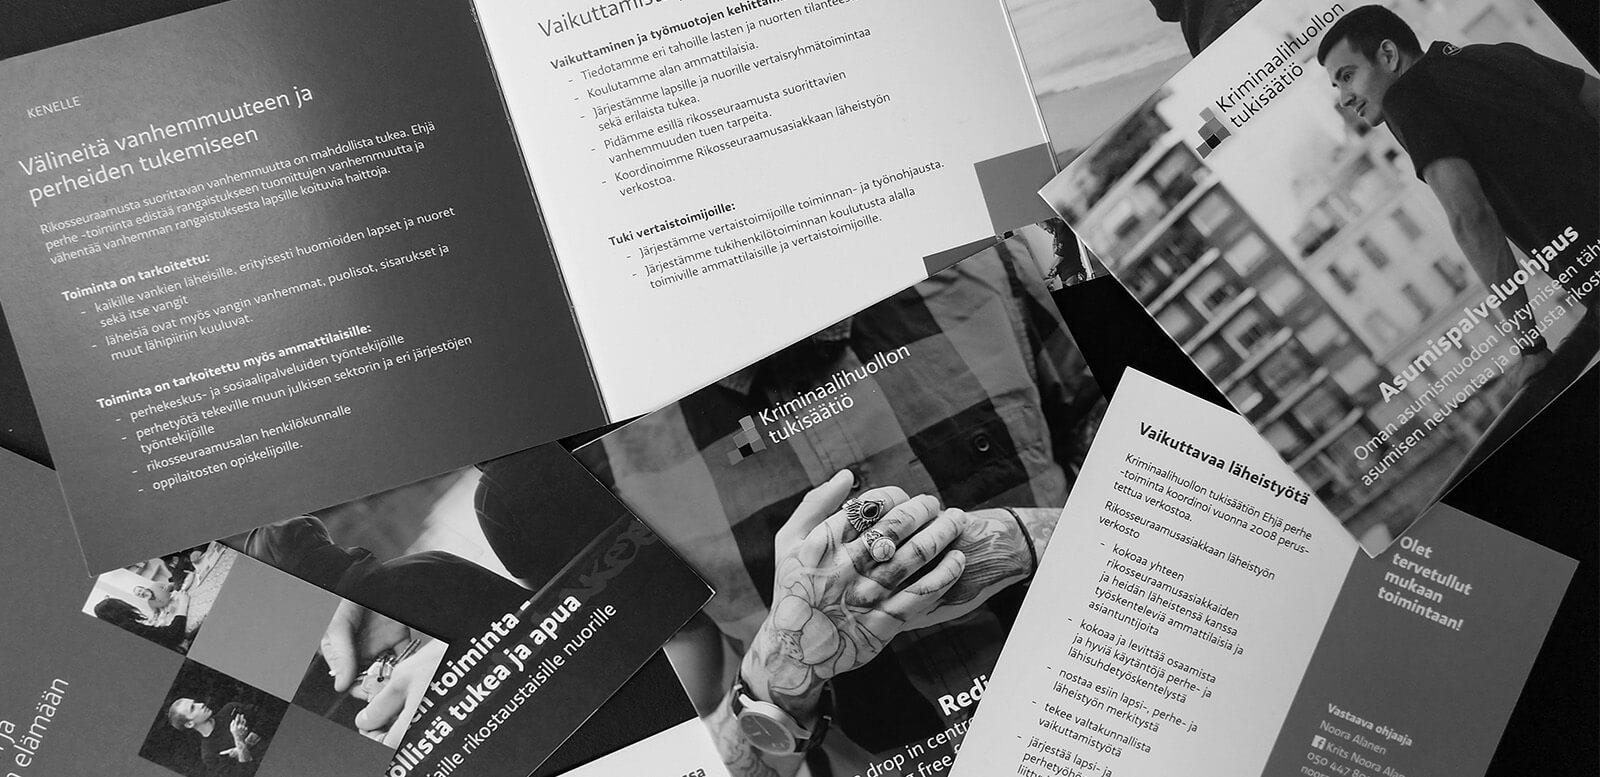 Design Inspiksen toteuttamia painotuotteita Kriminaalihuollon tukisäätiölle